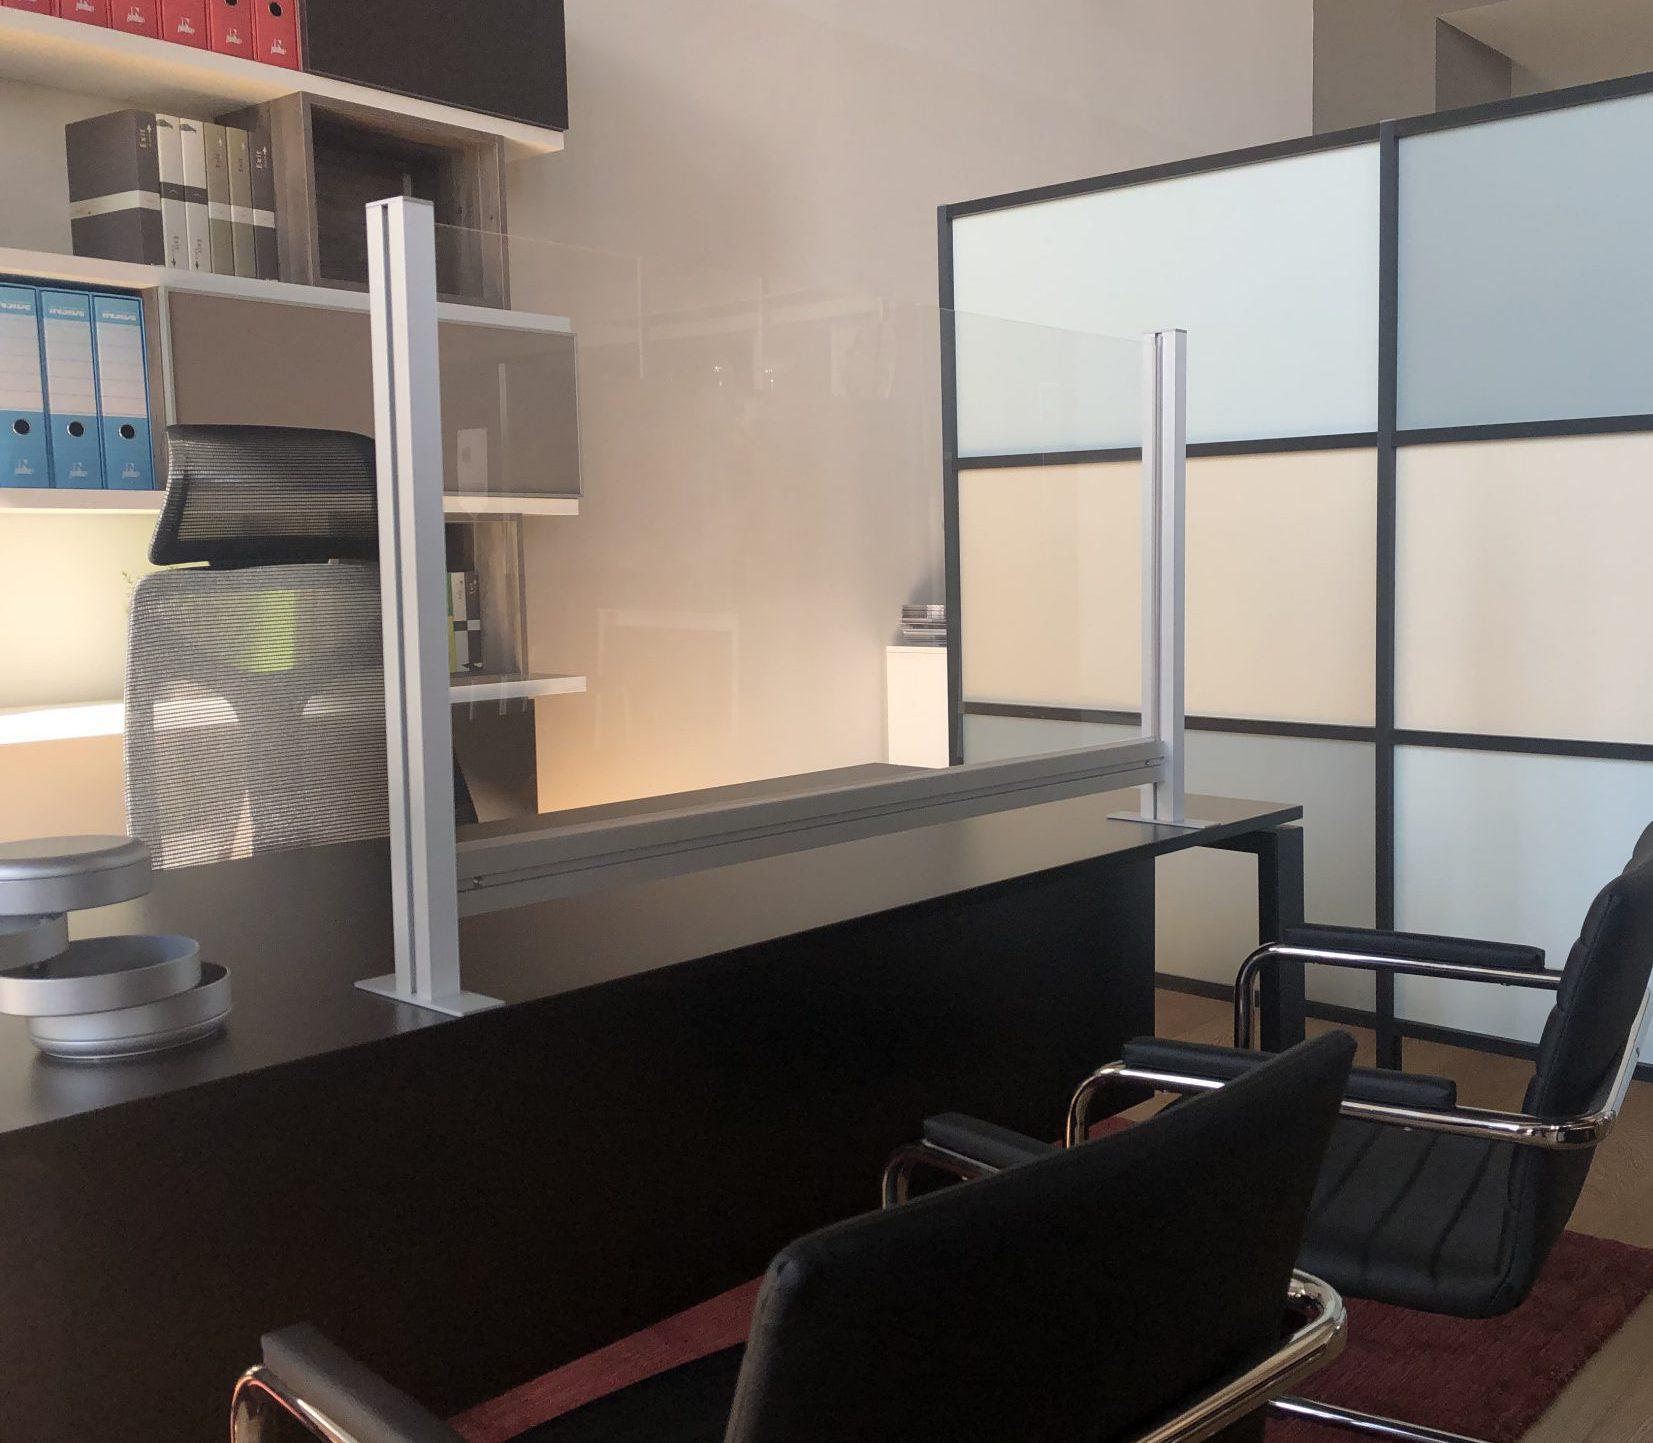 Divisorio di protezione da tavolo separatori e separè in plexiglass